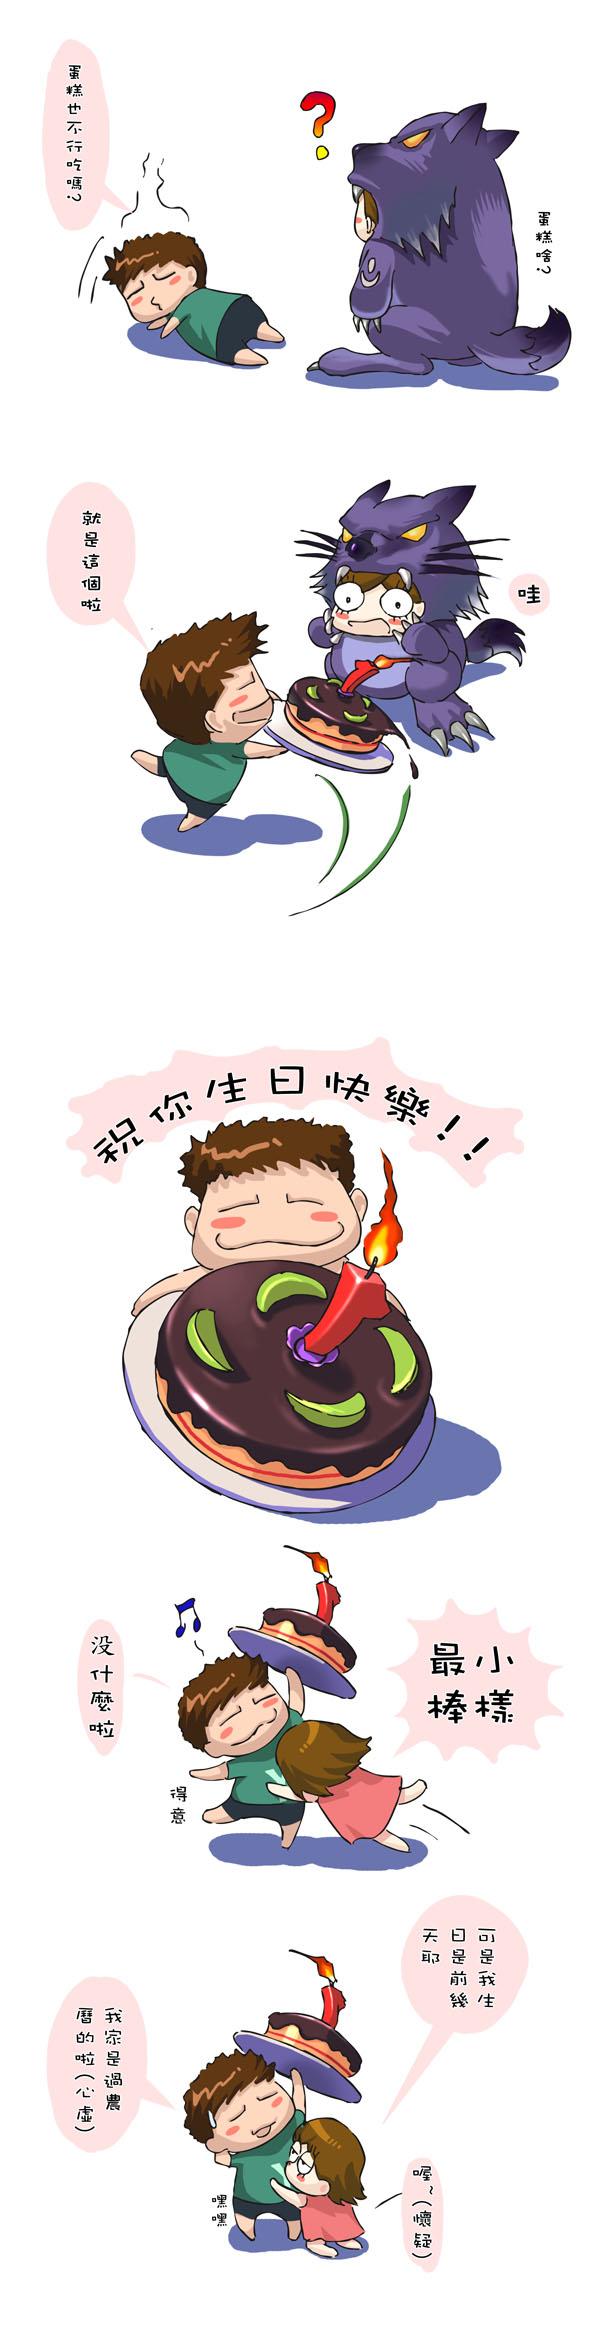 我家的德魯依_05.jpg